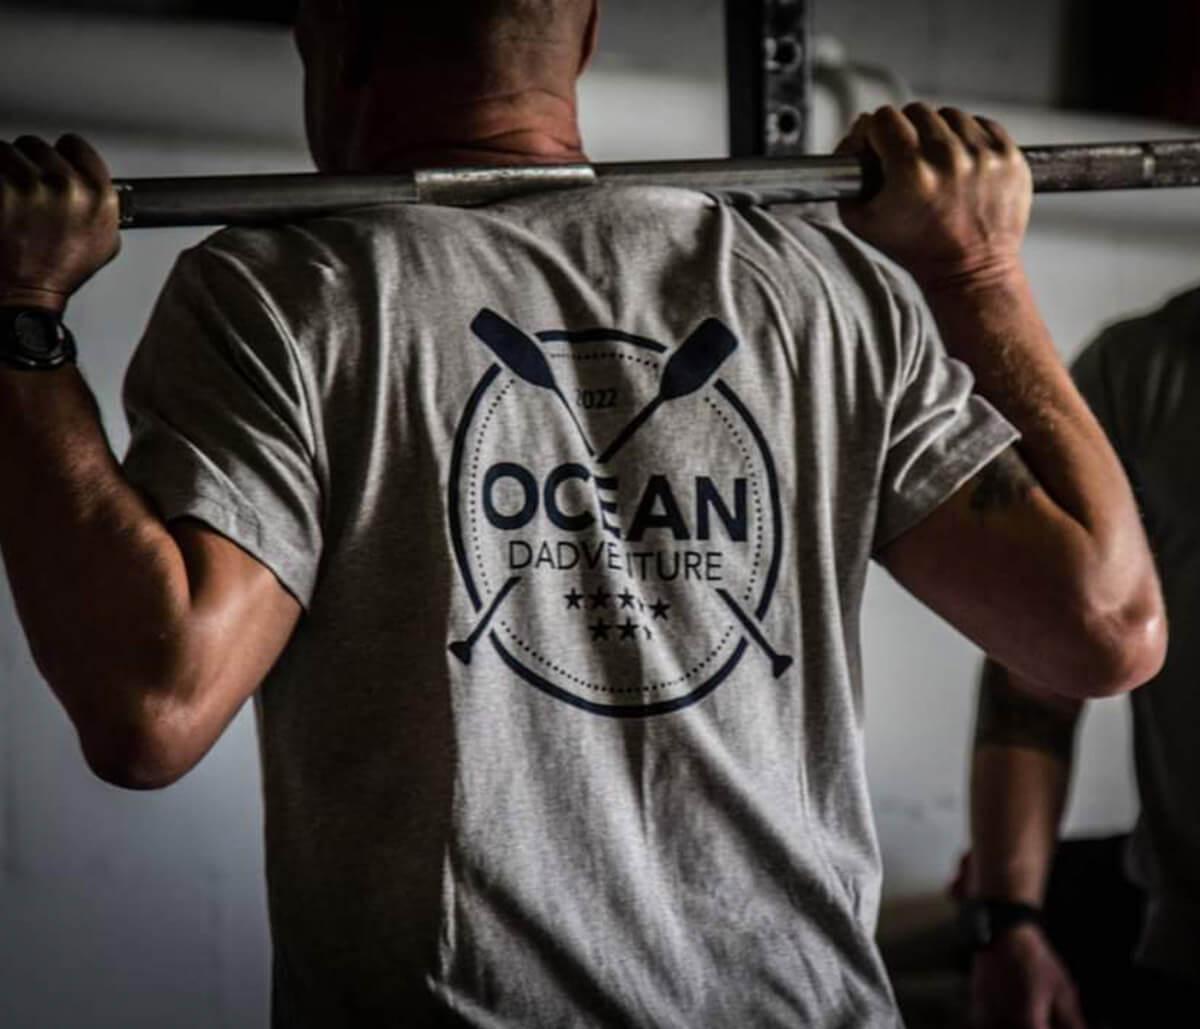 Ocean Dadventure